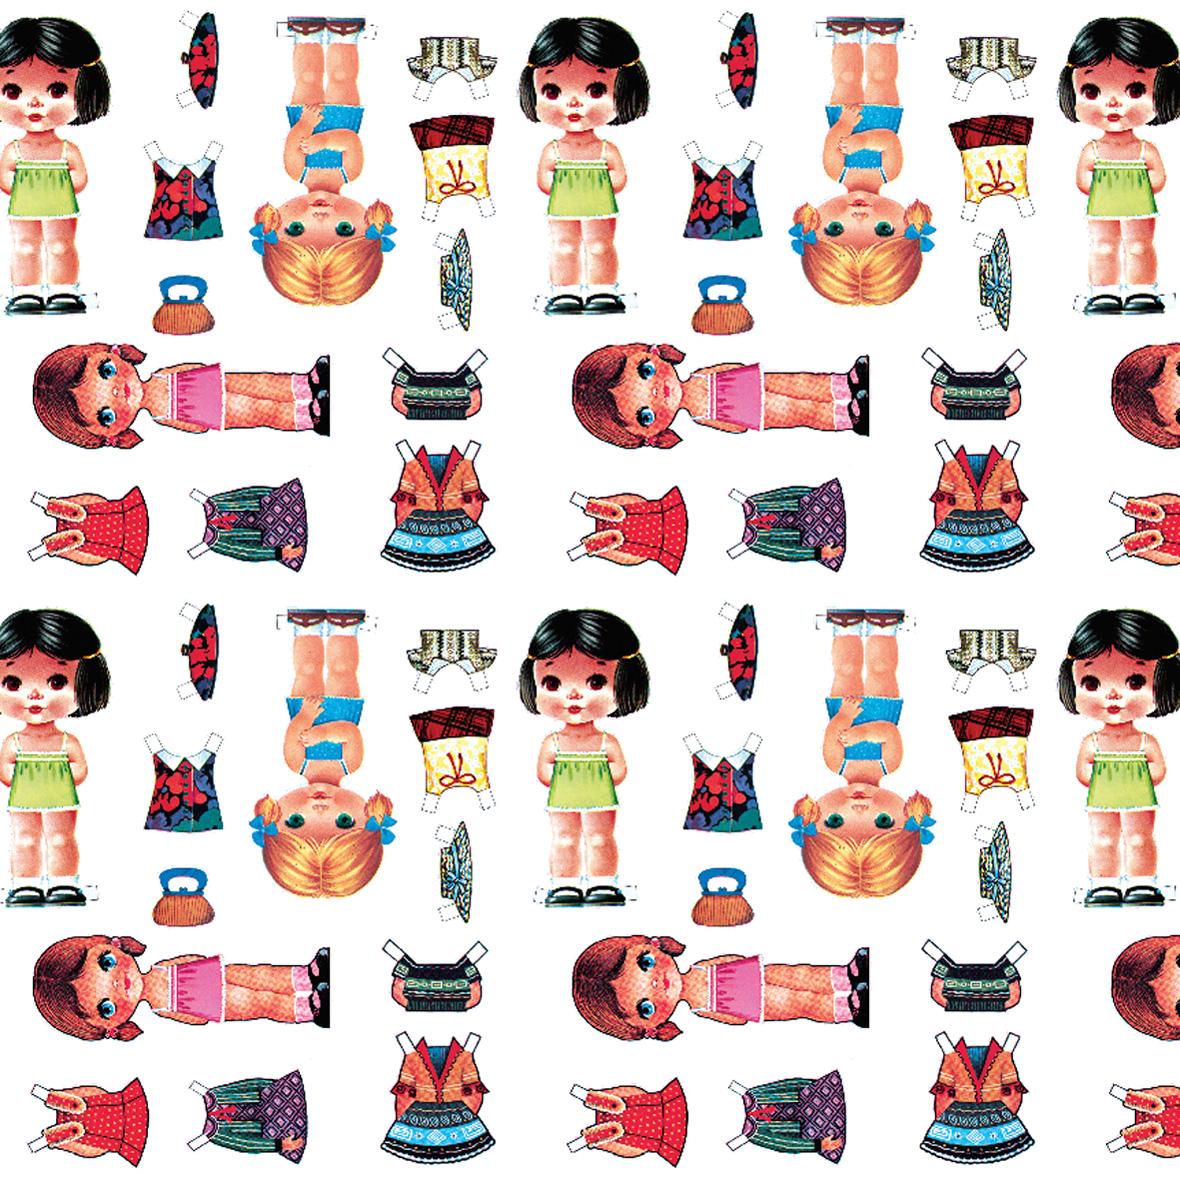 Plakplastic zelfklevende folie - Kitsch Kitchen - Dressed up girl